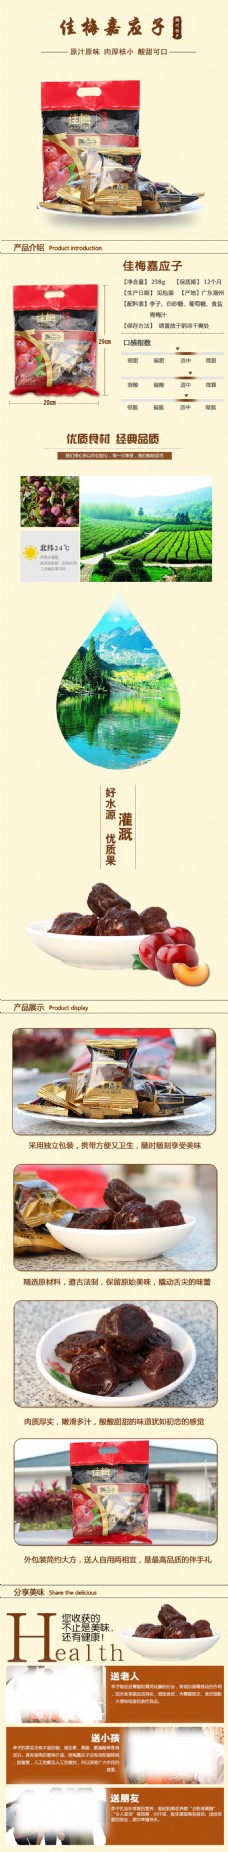 嘉应子 食品淘宝详情页